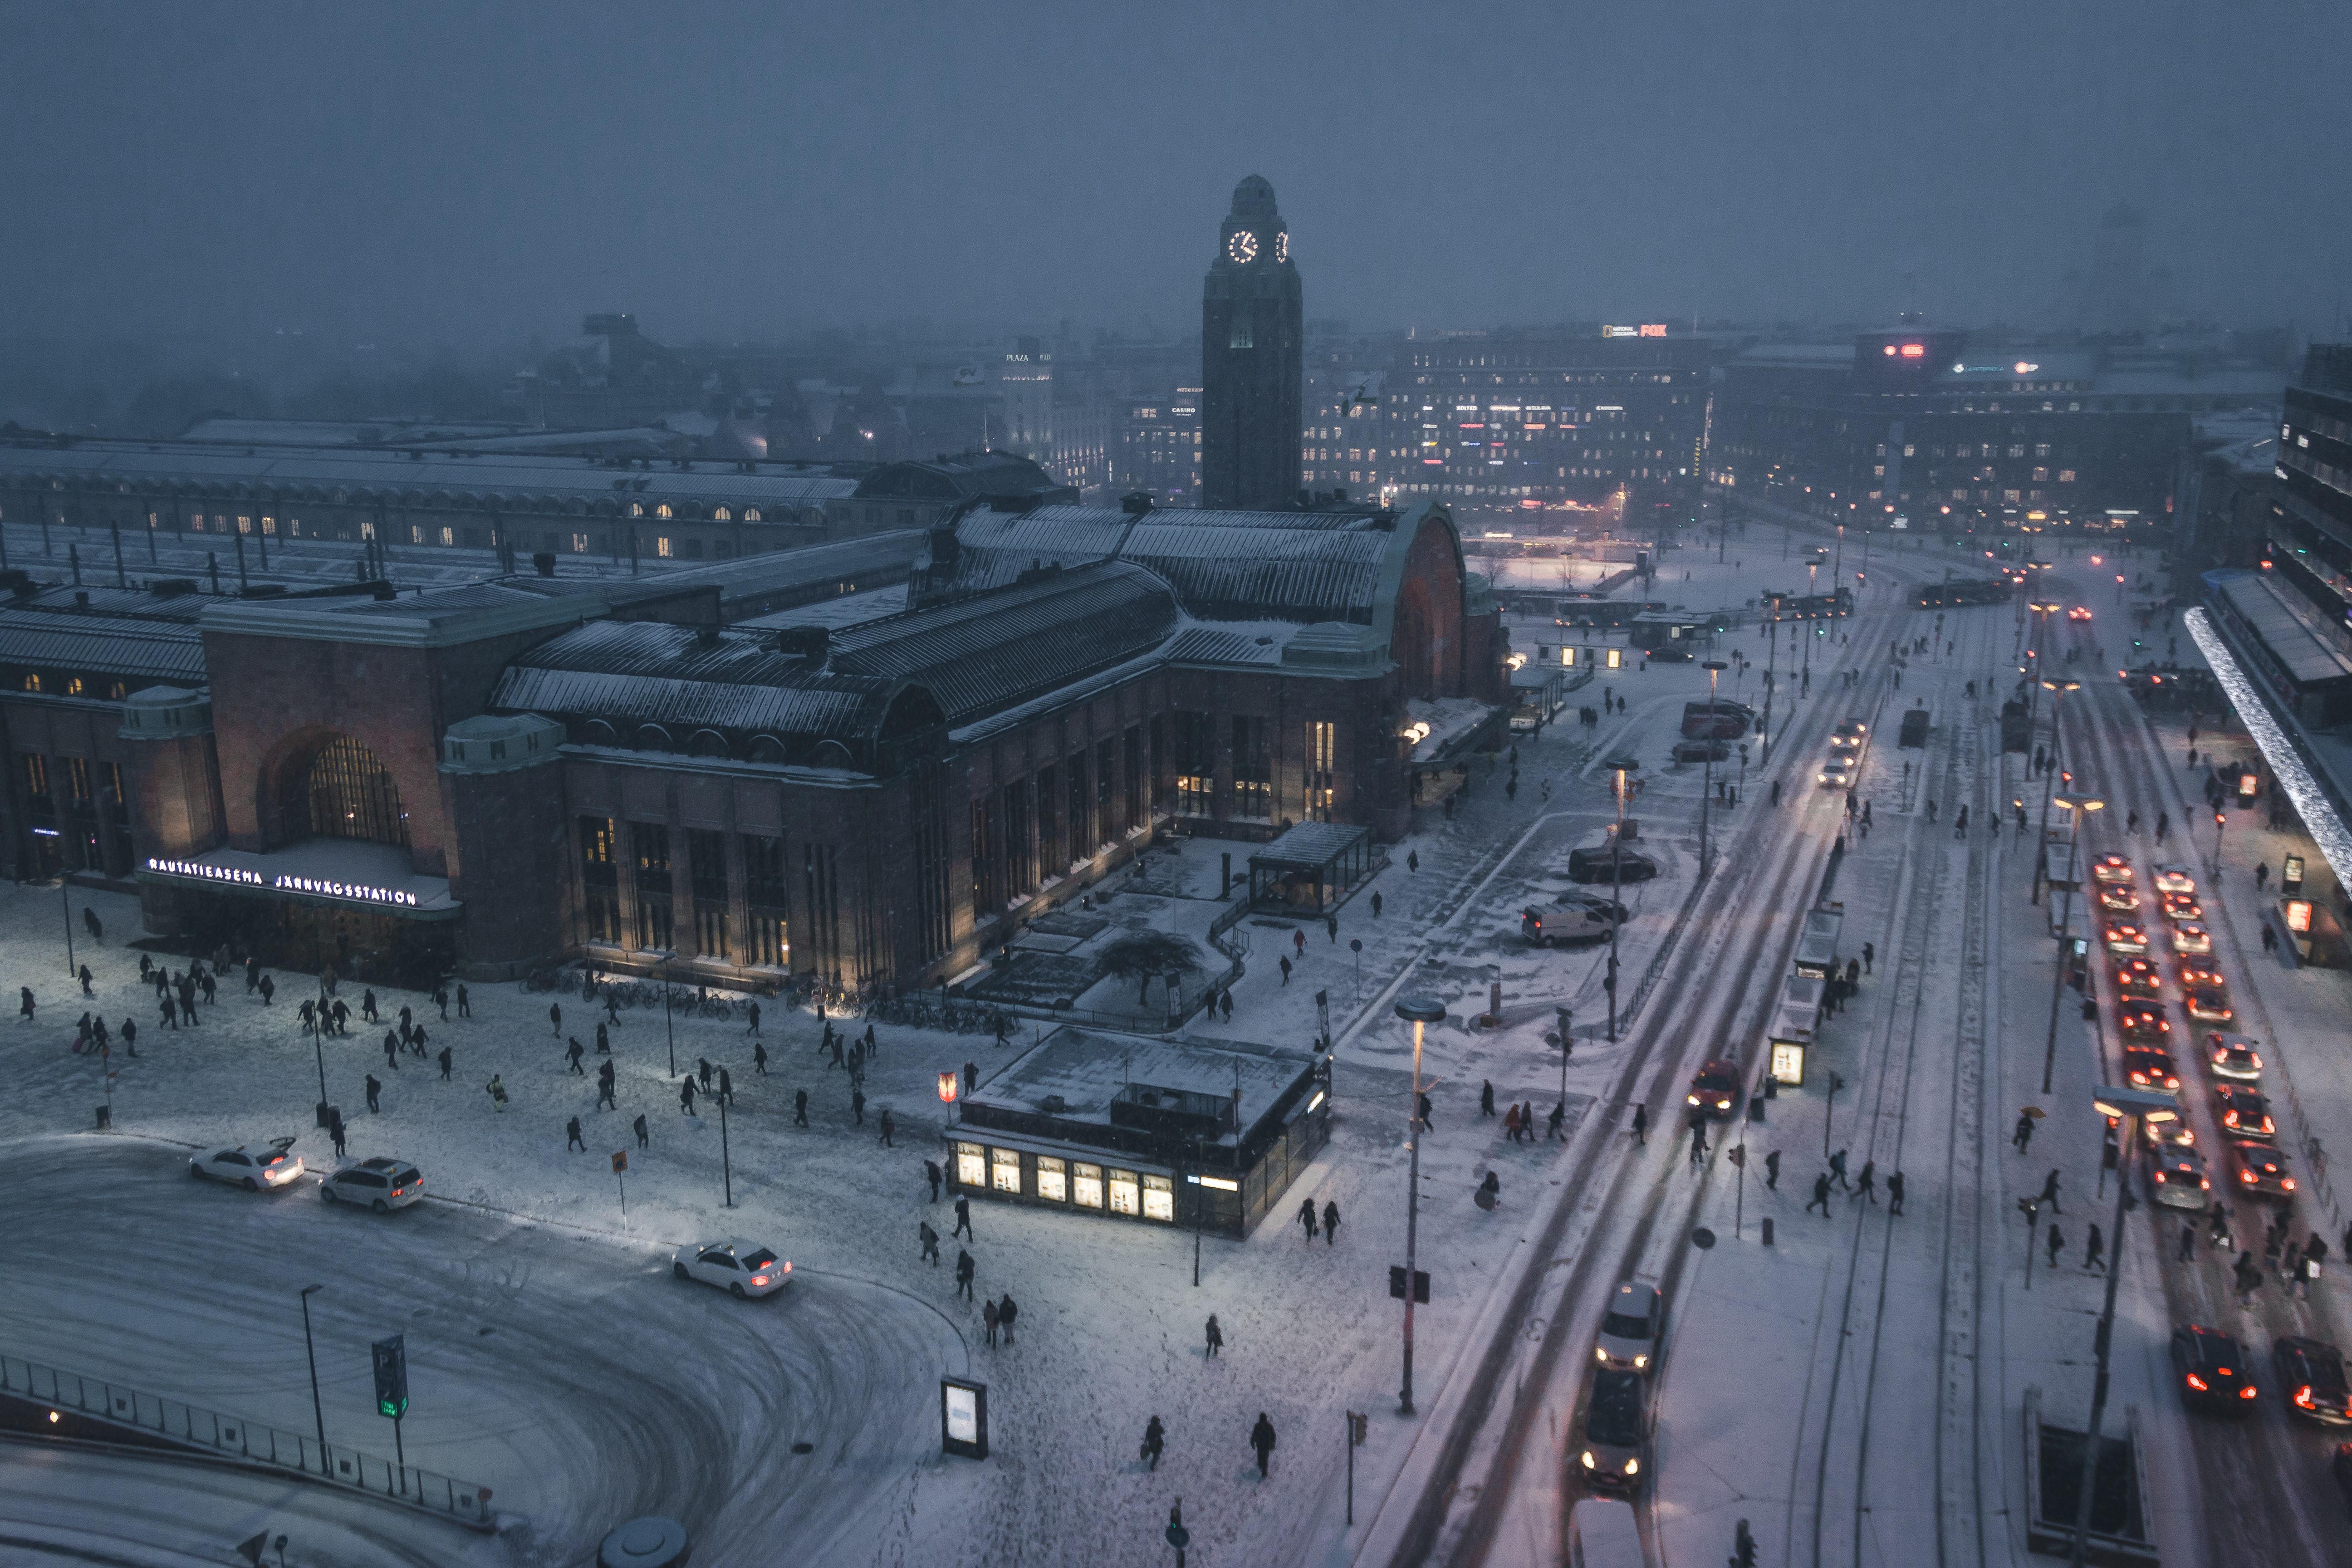 הלסינקי פינלנד צילום: אלכסנדר בורמוטין